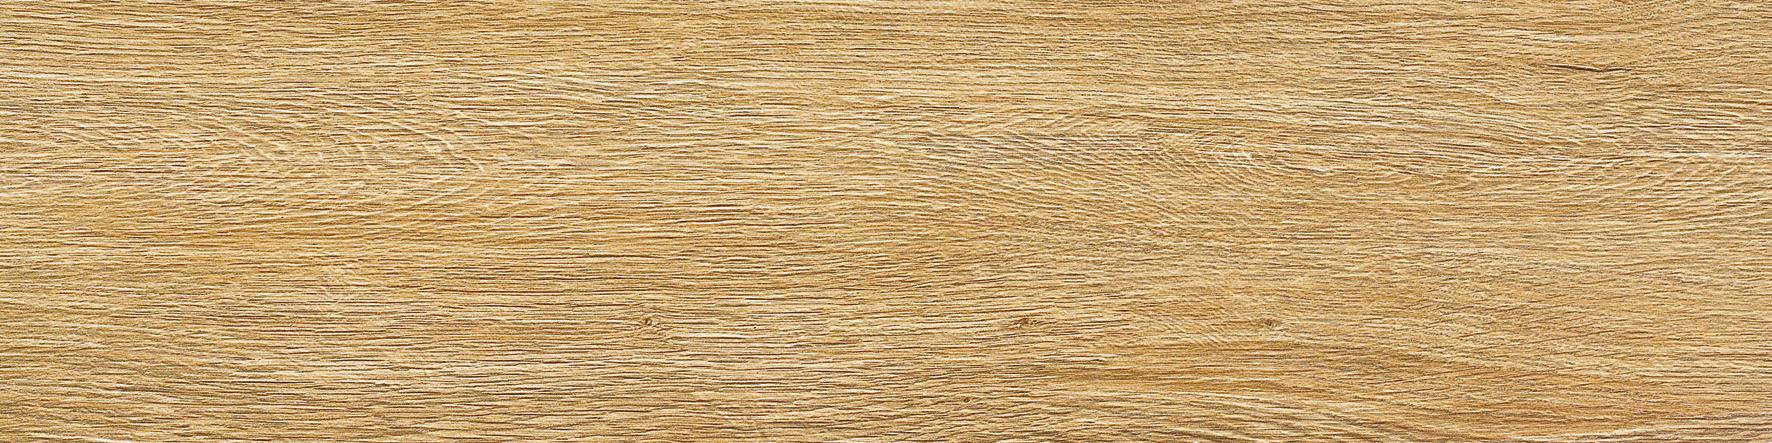 木纹2.0